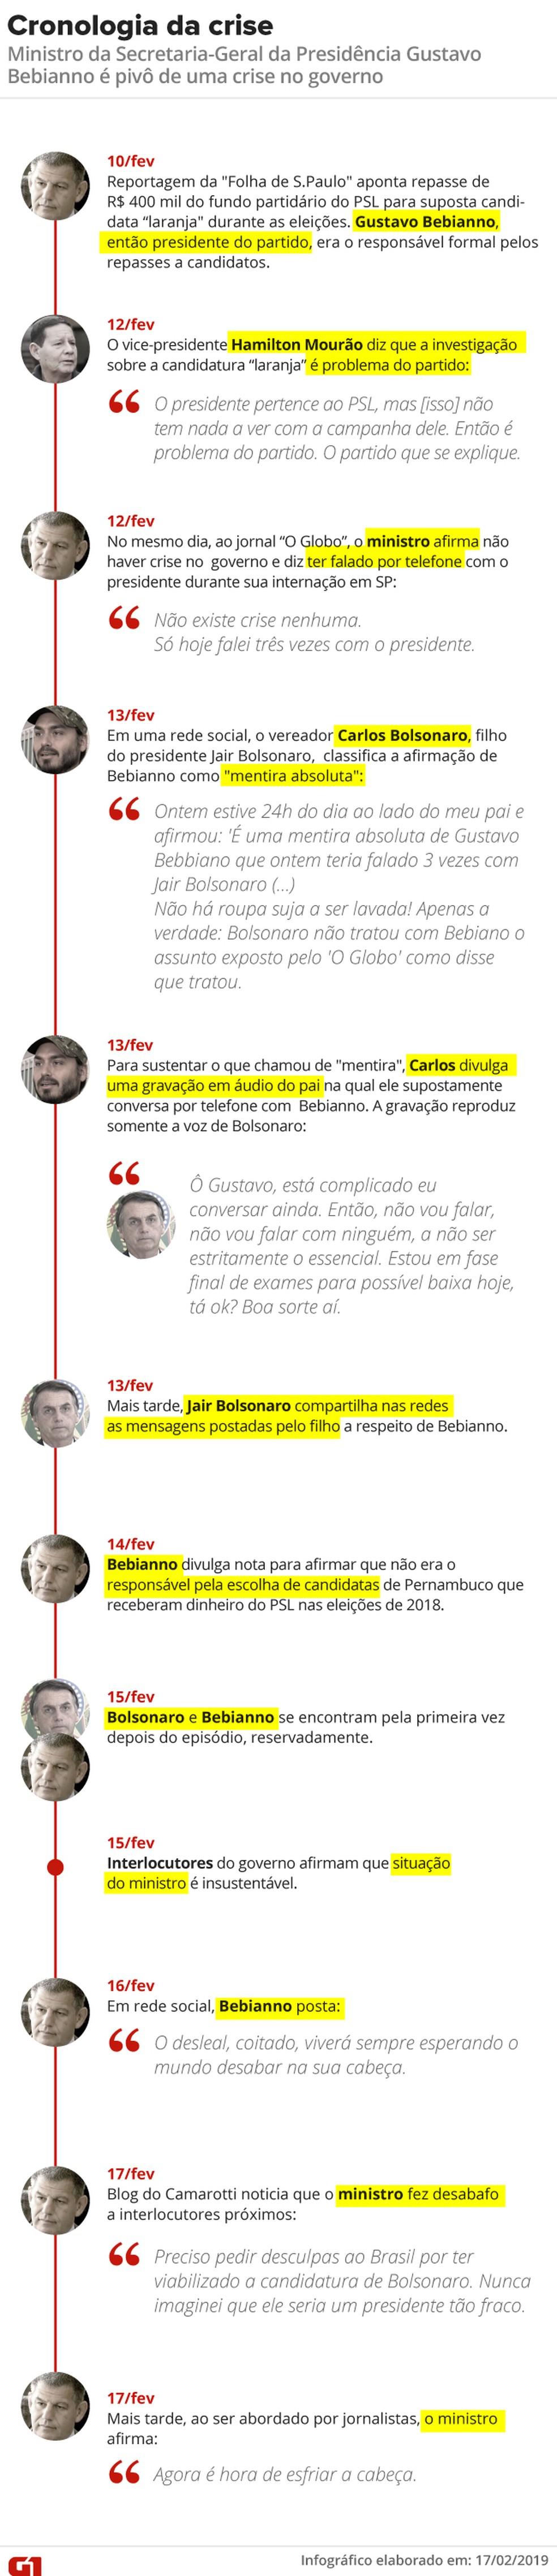 Cronologia da crise envolvendo o ministro Gustavo Bebianno — Foto: Arte G1